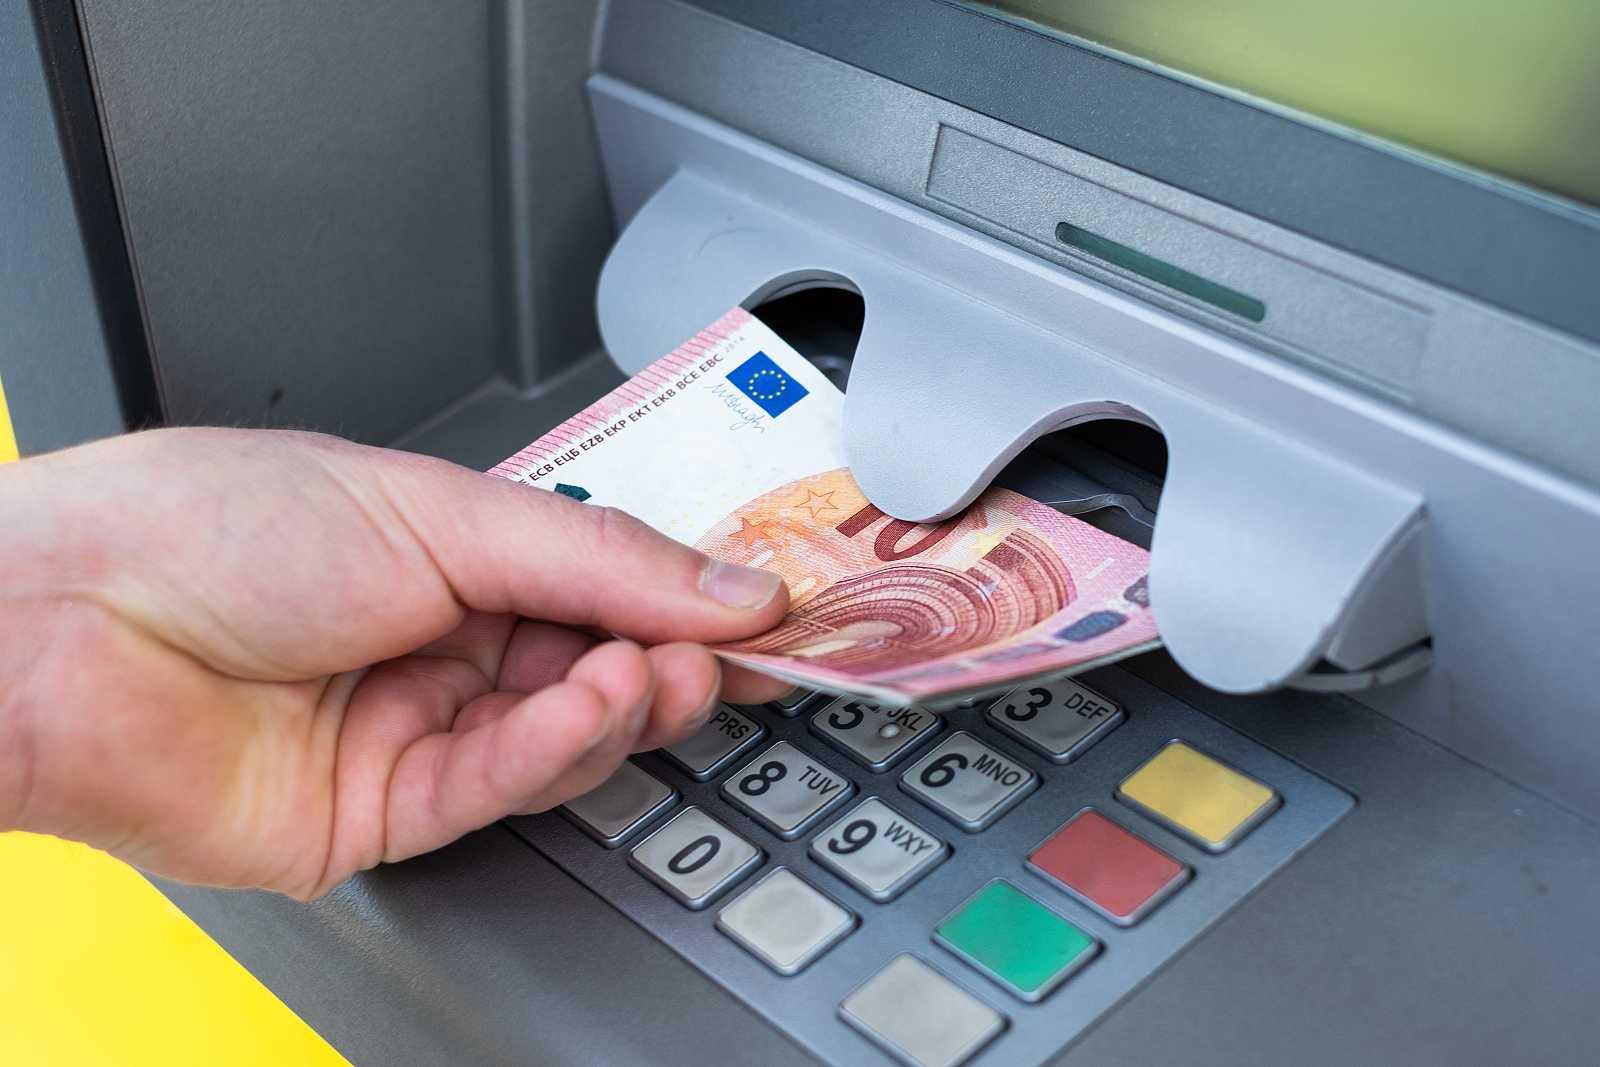 Una decena de bancos no cobrarán comisión por retirar dinero de cualquier cajero durante el estado de alarma